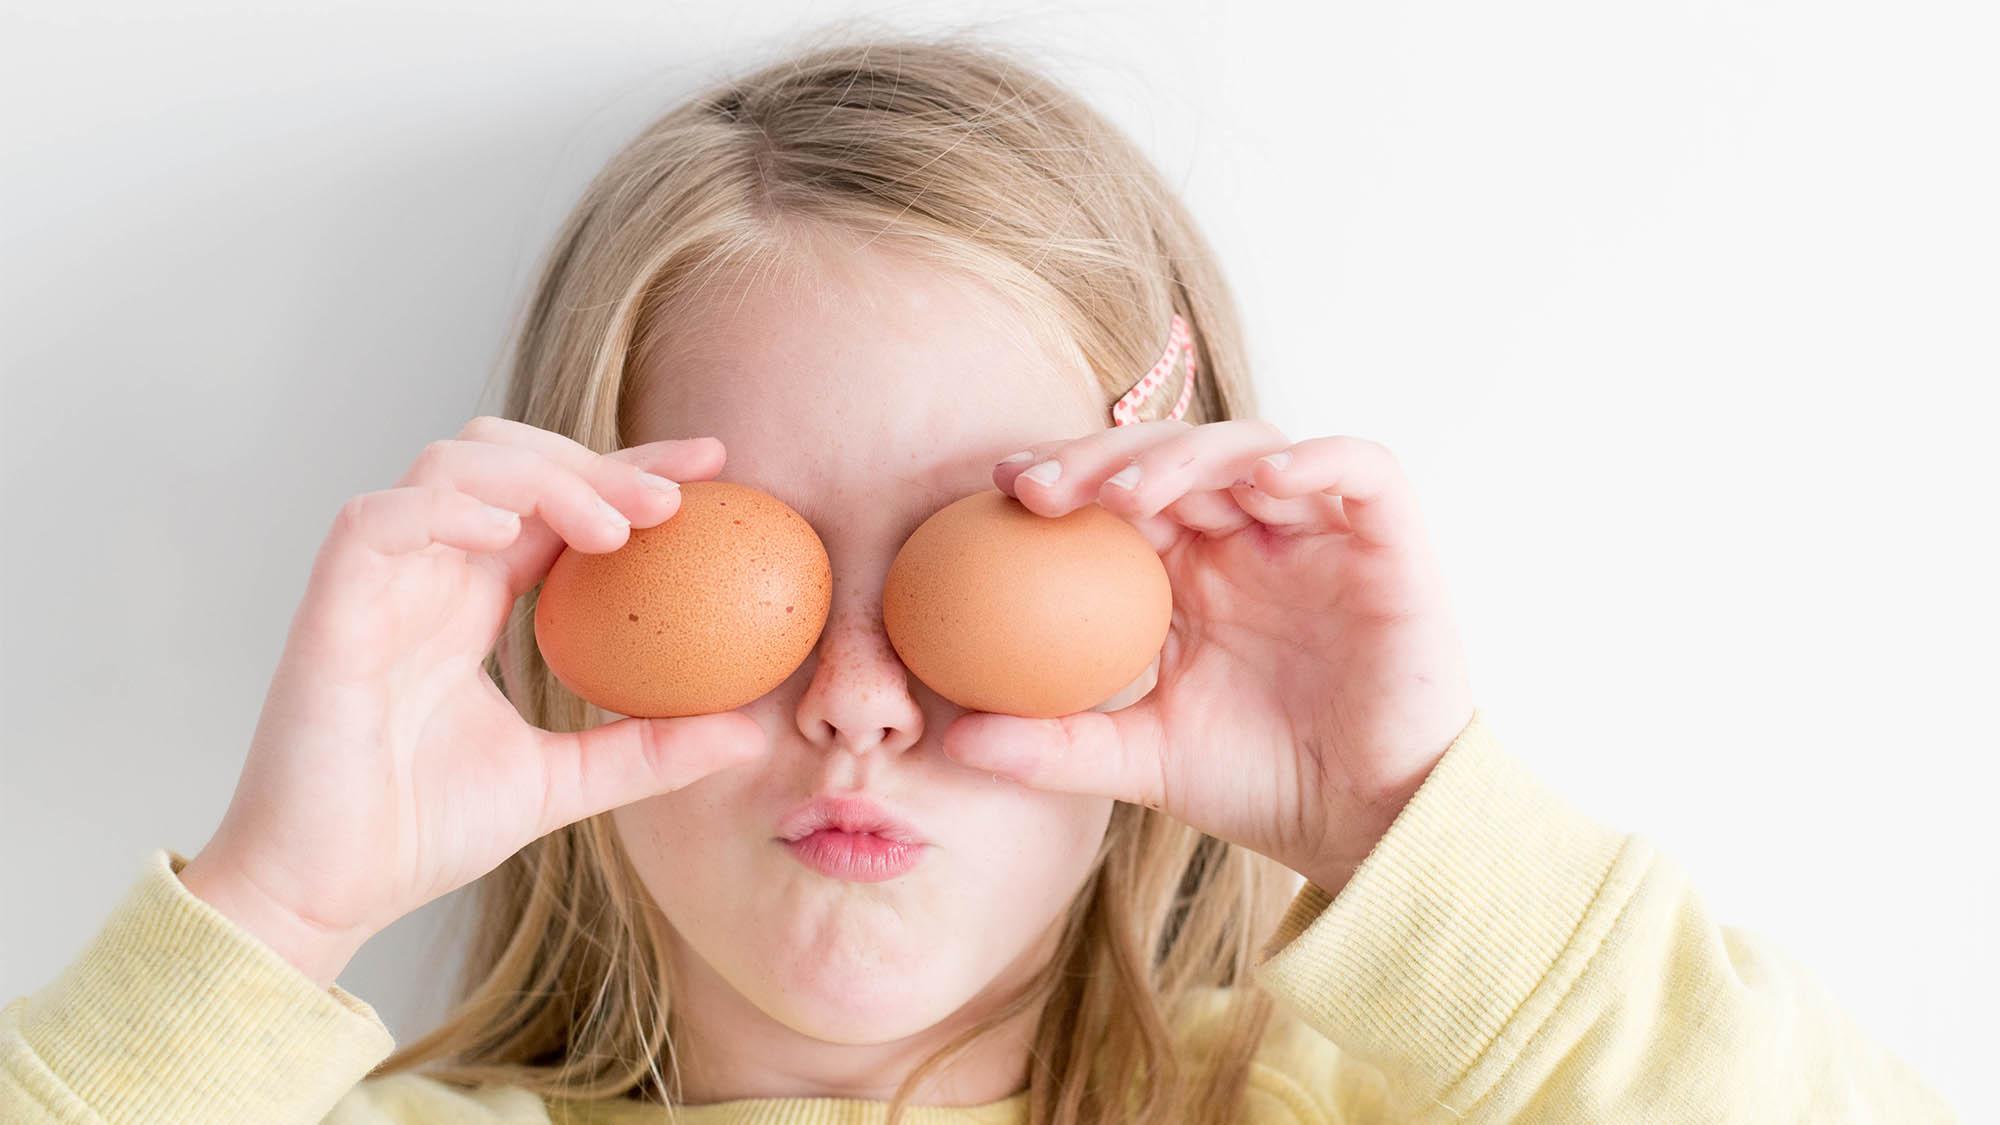 Little Girl Holding Two Eggs Over Her Eyes